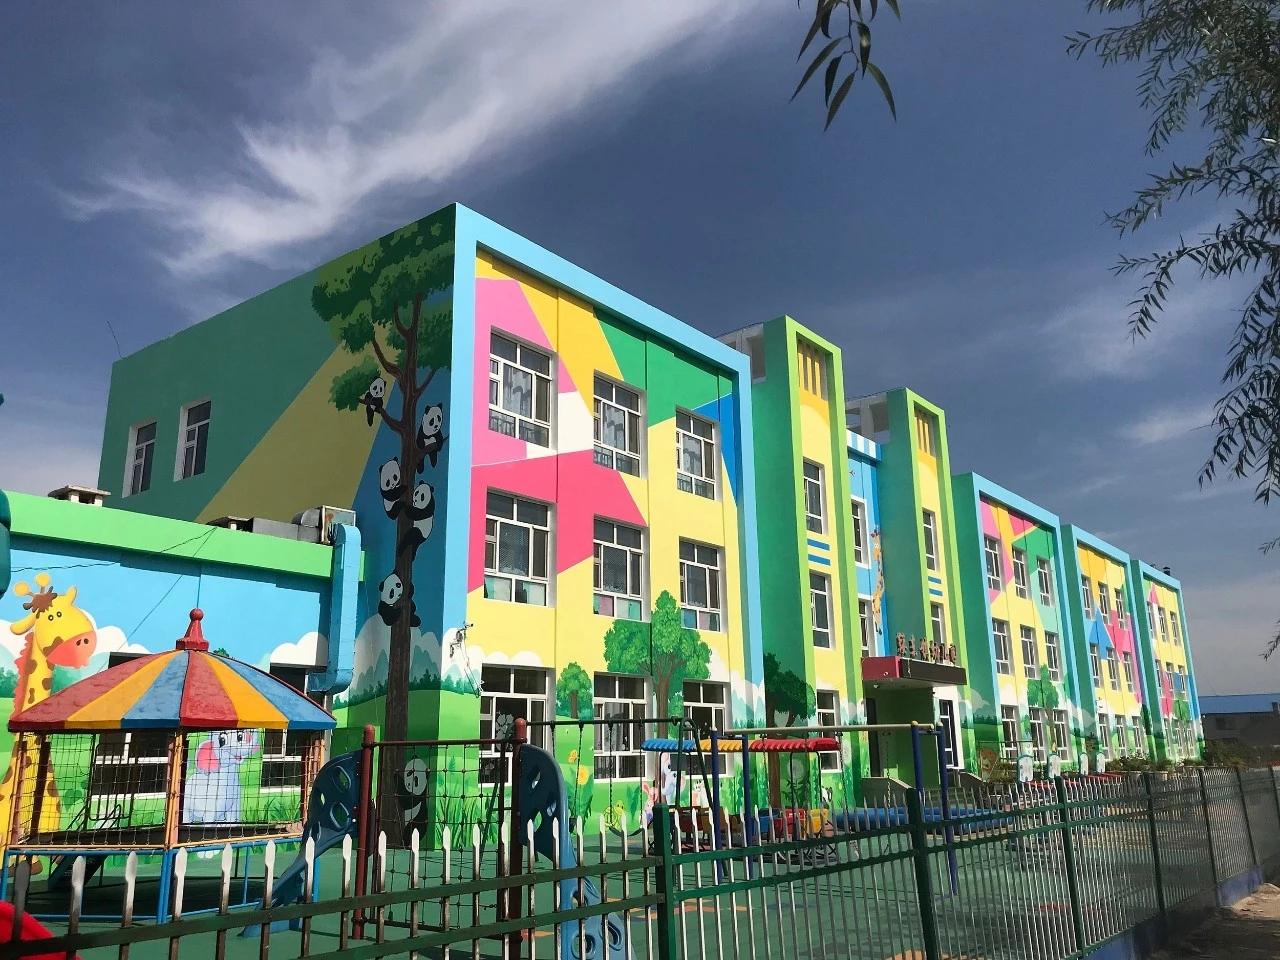 幼儿园墙绘 少儿培训机构墙绘 学校墙绘 涂鸦墙绘